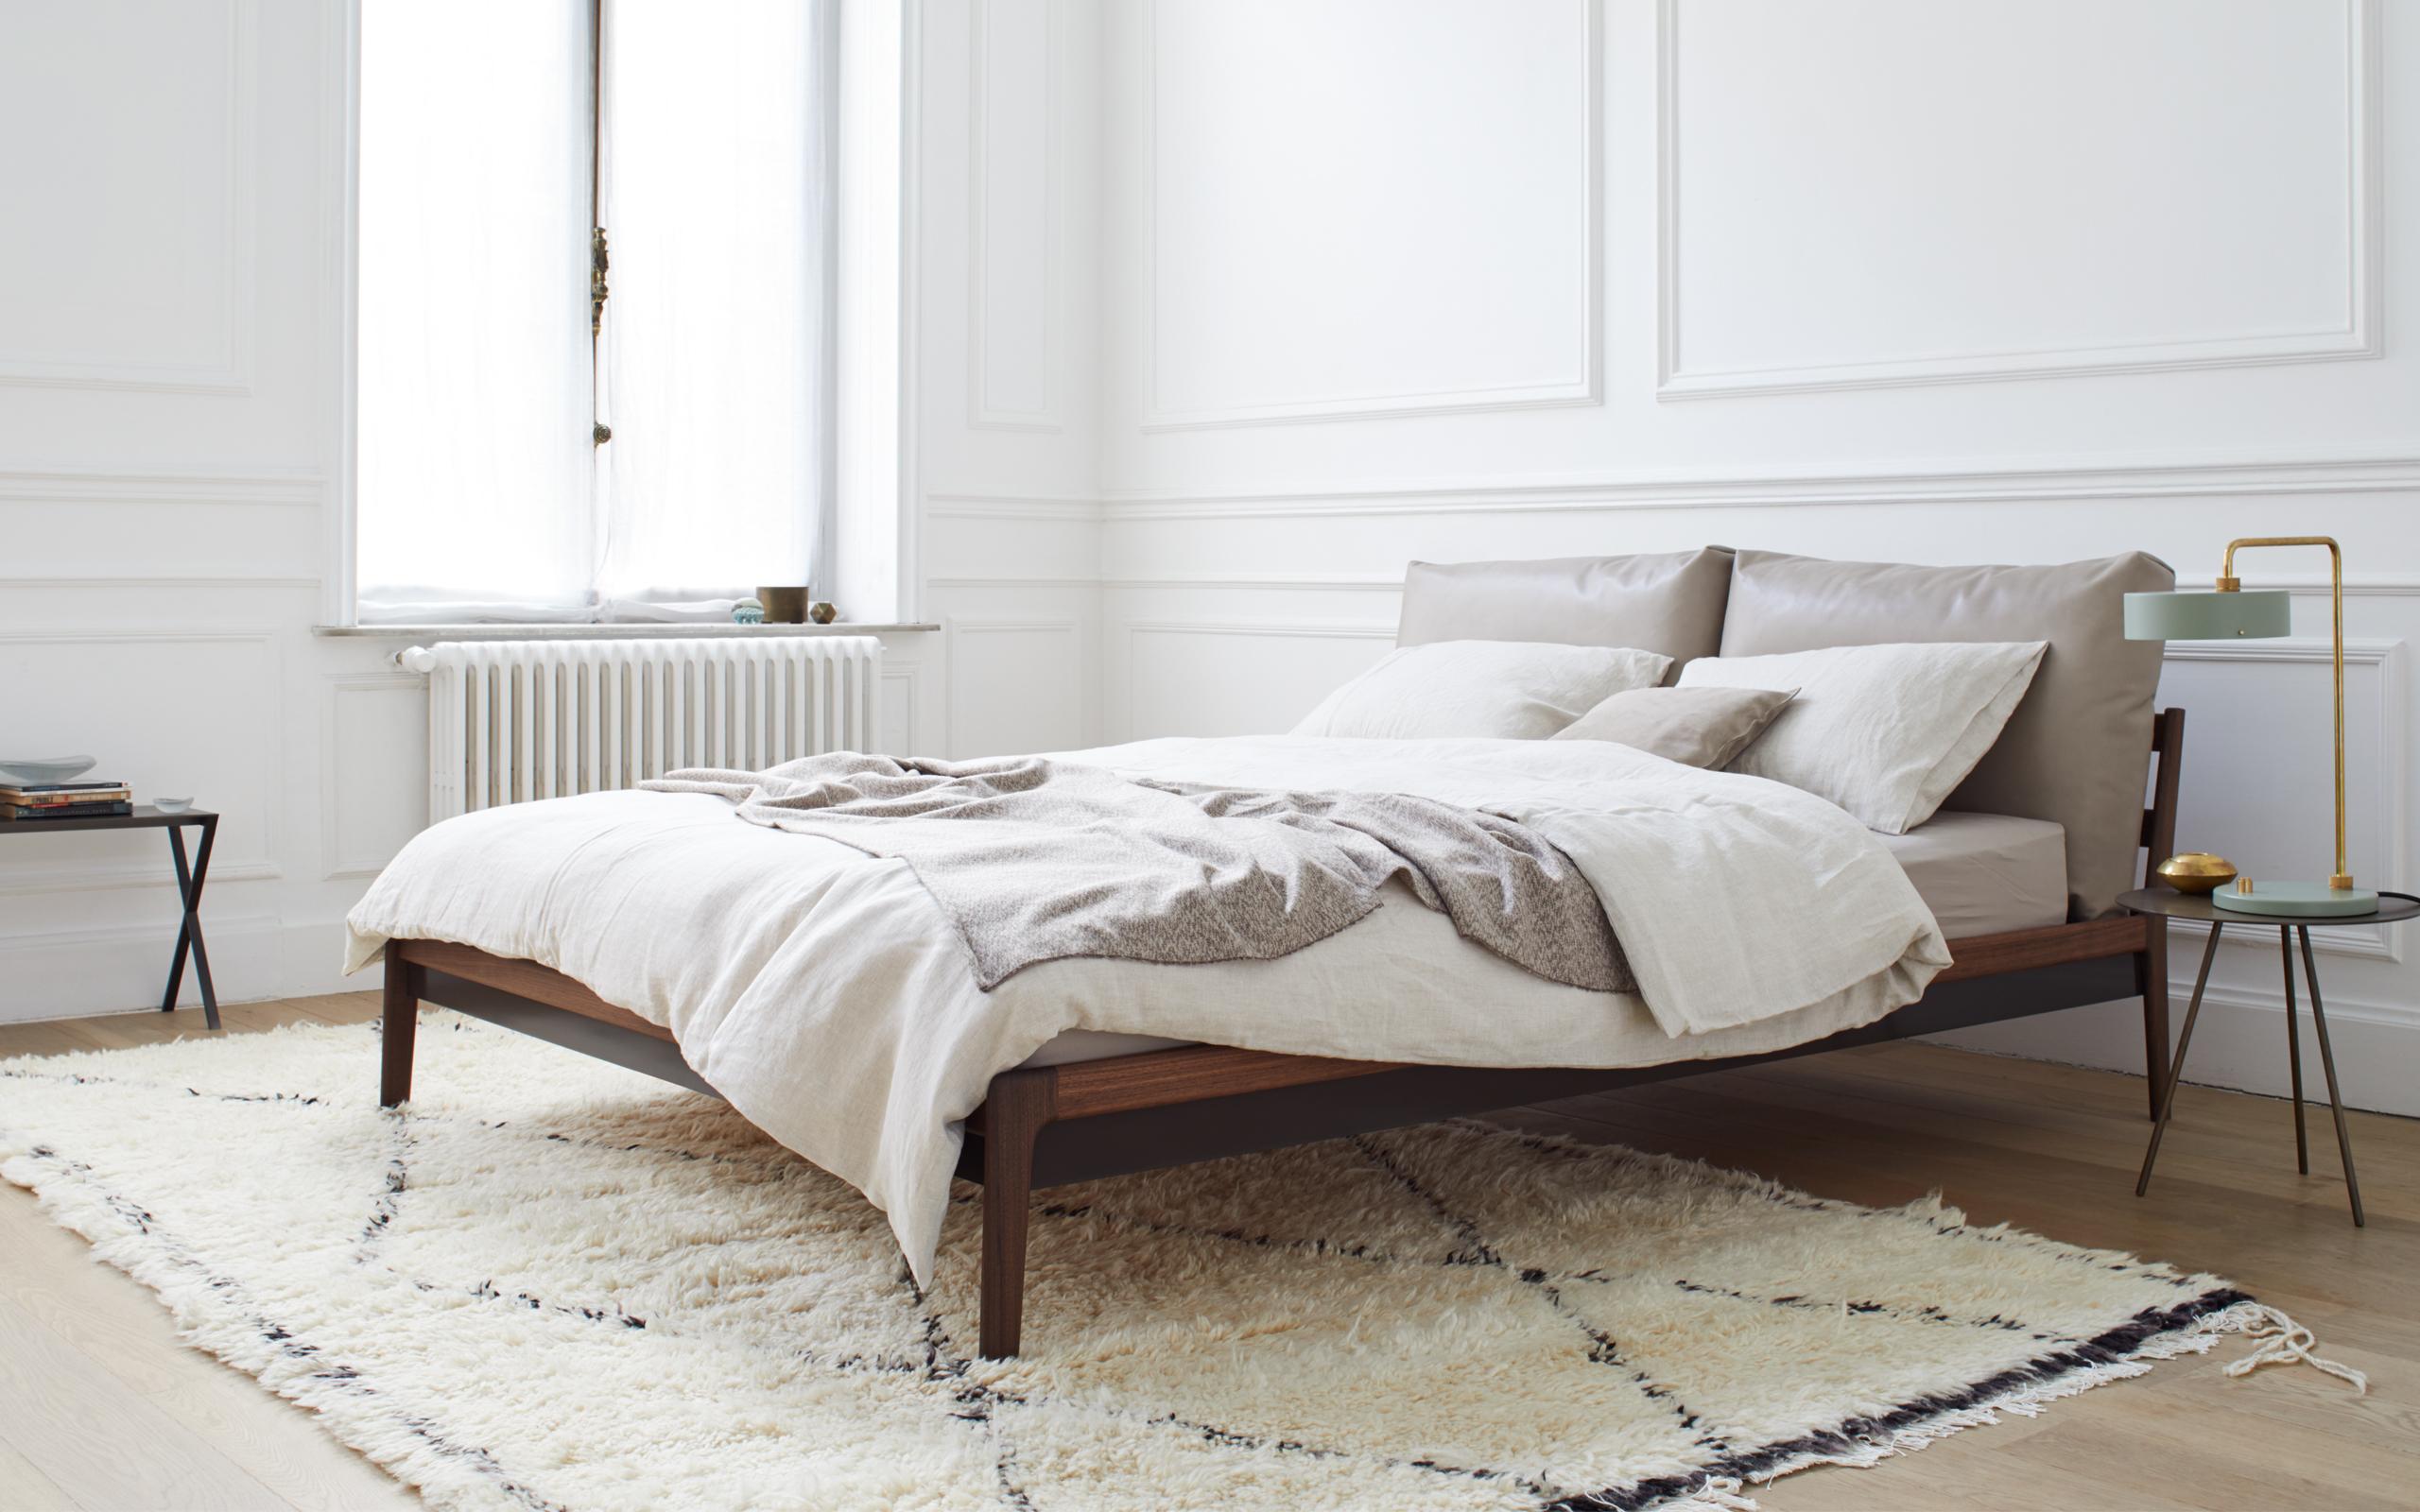 Sova bett more for Schlafzimmer design bilder